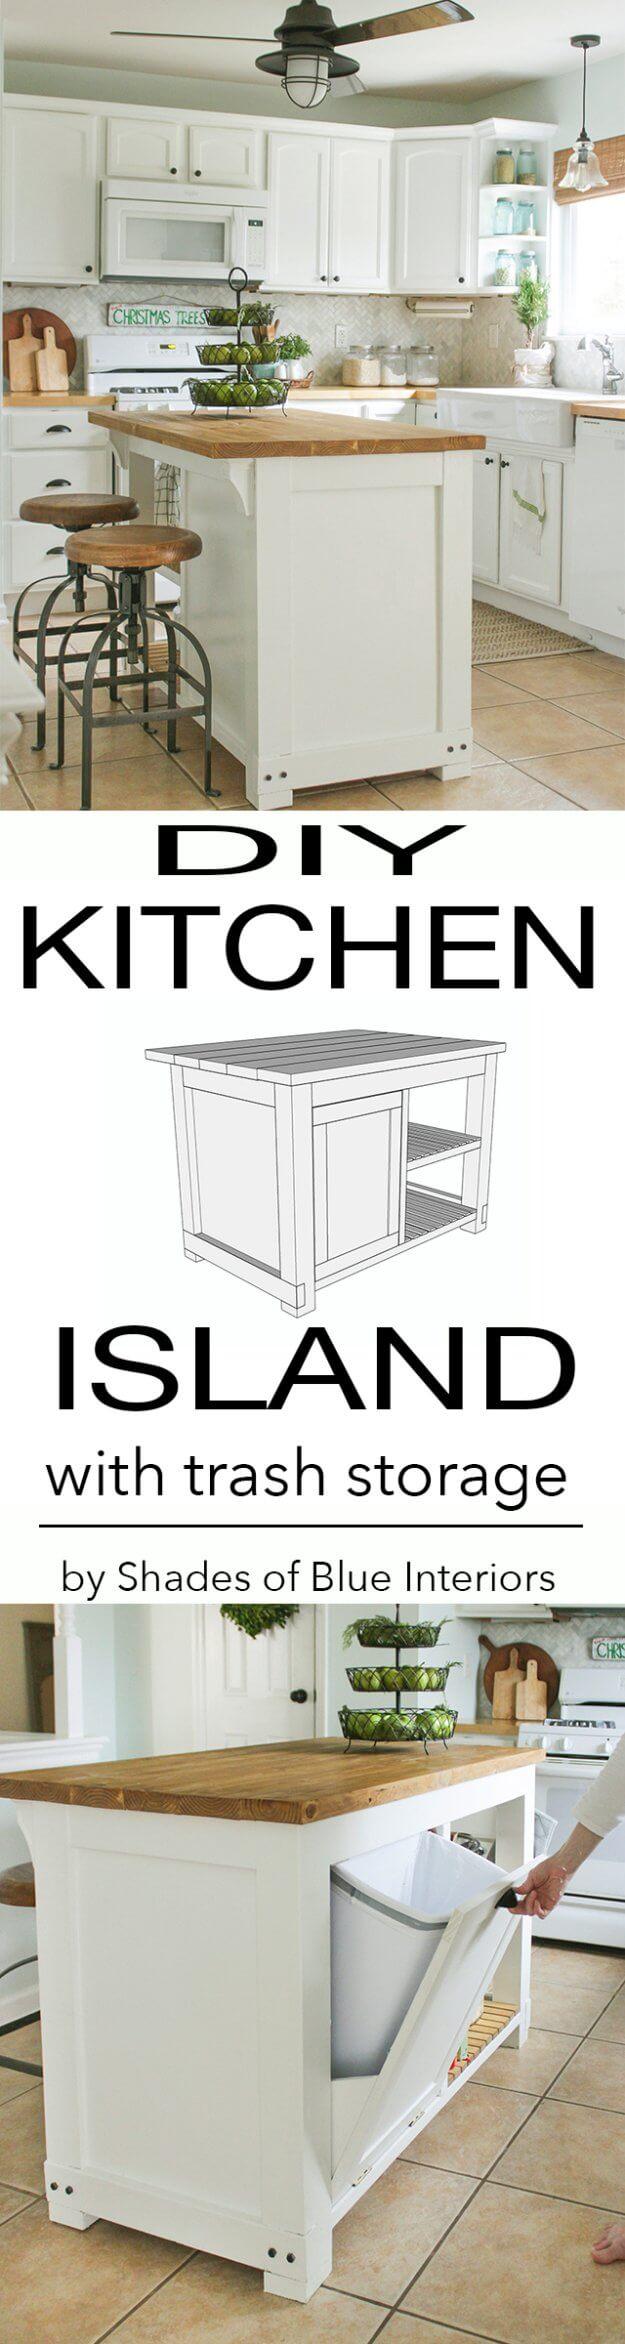 isla de cocina economica diy 6